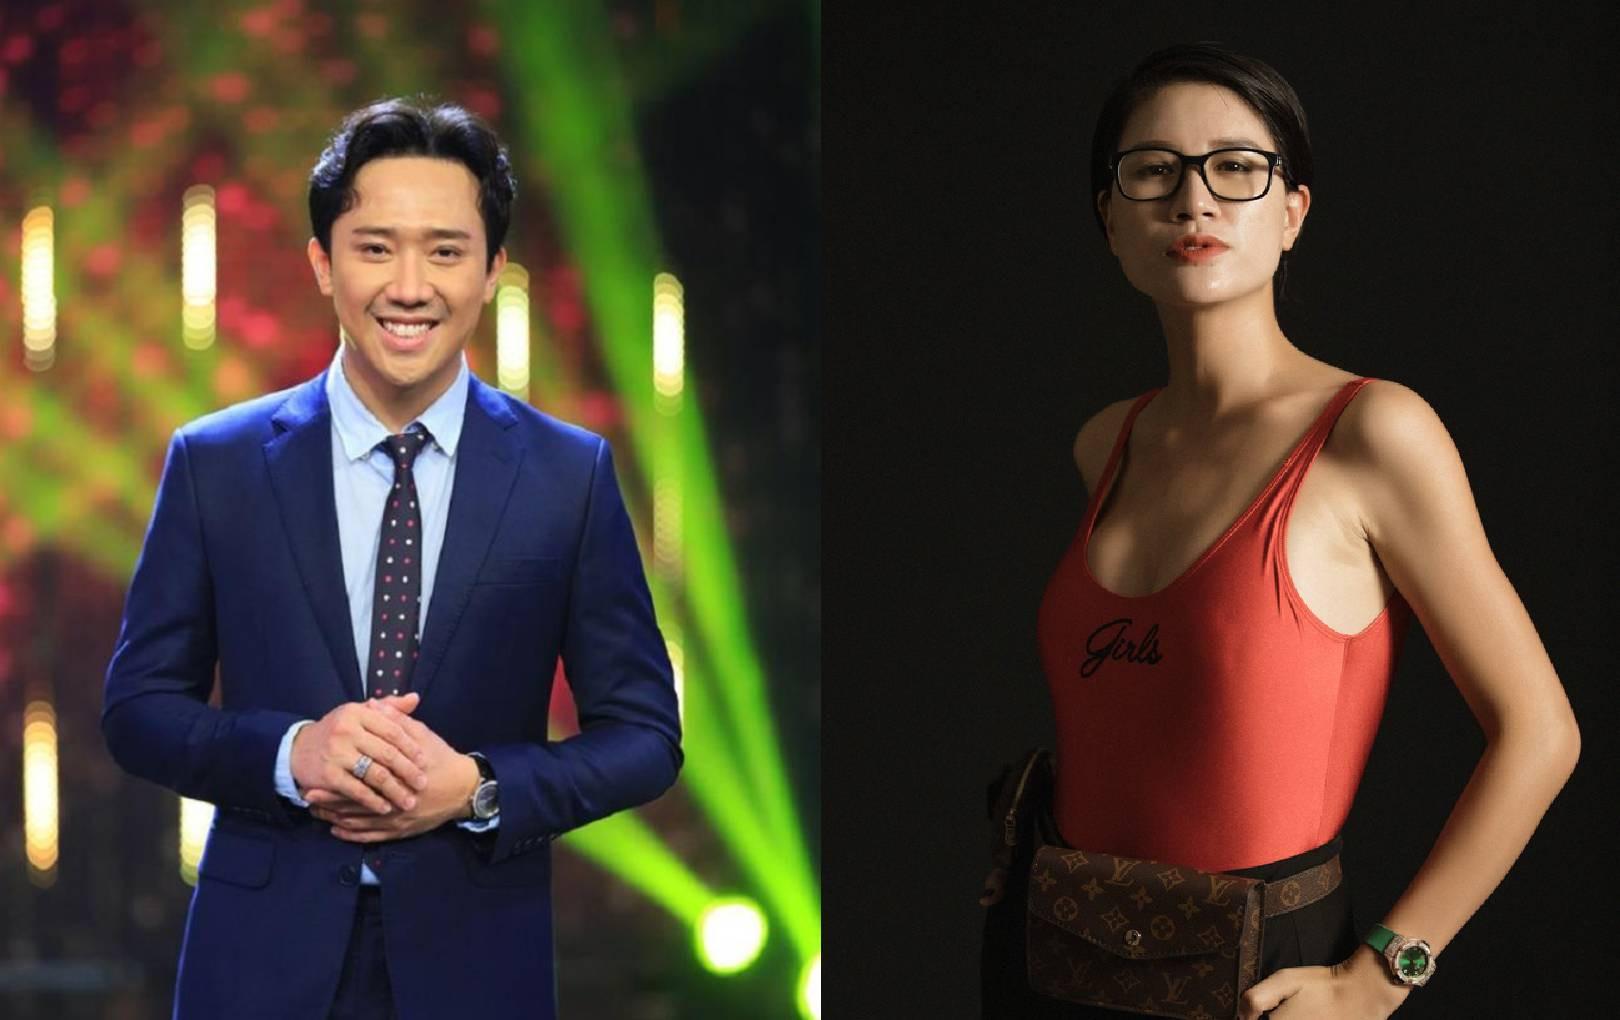 Trang Trần lên tiếng sau khi Trấn Thành bị 2 hotgirl lạ mặt bôi nhọ danh dự